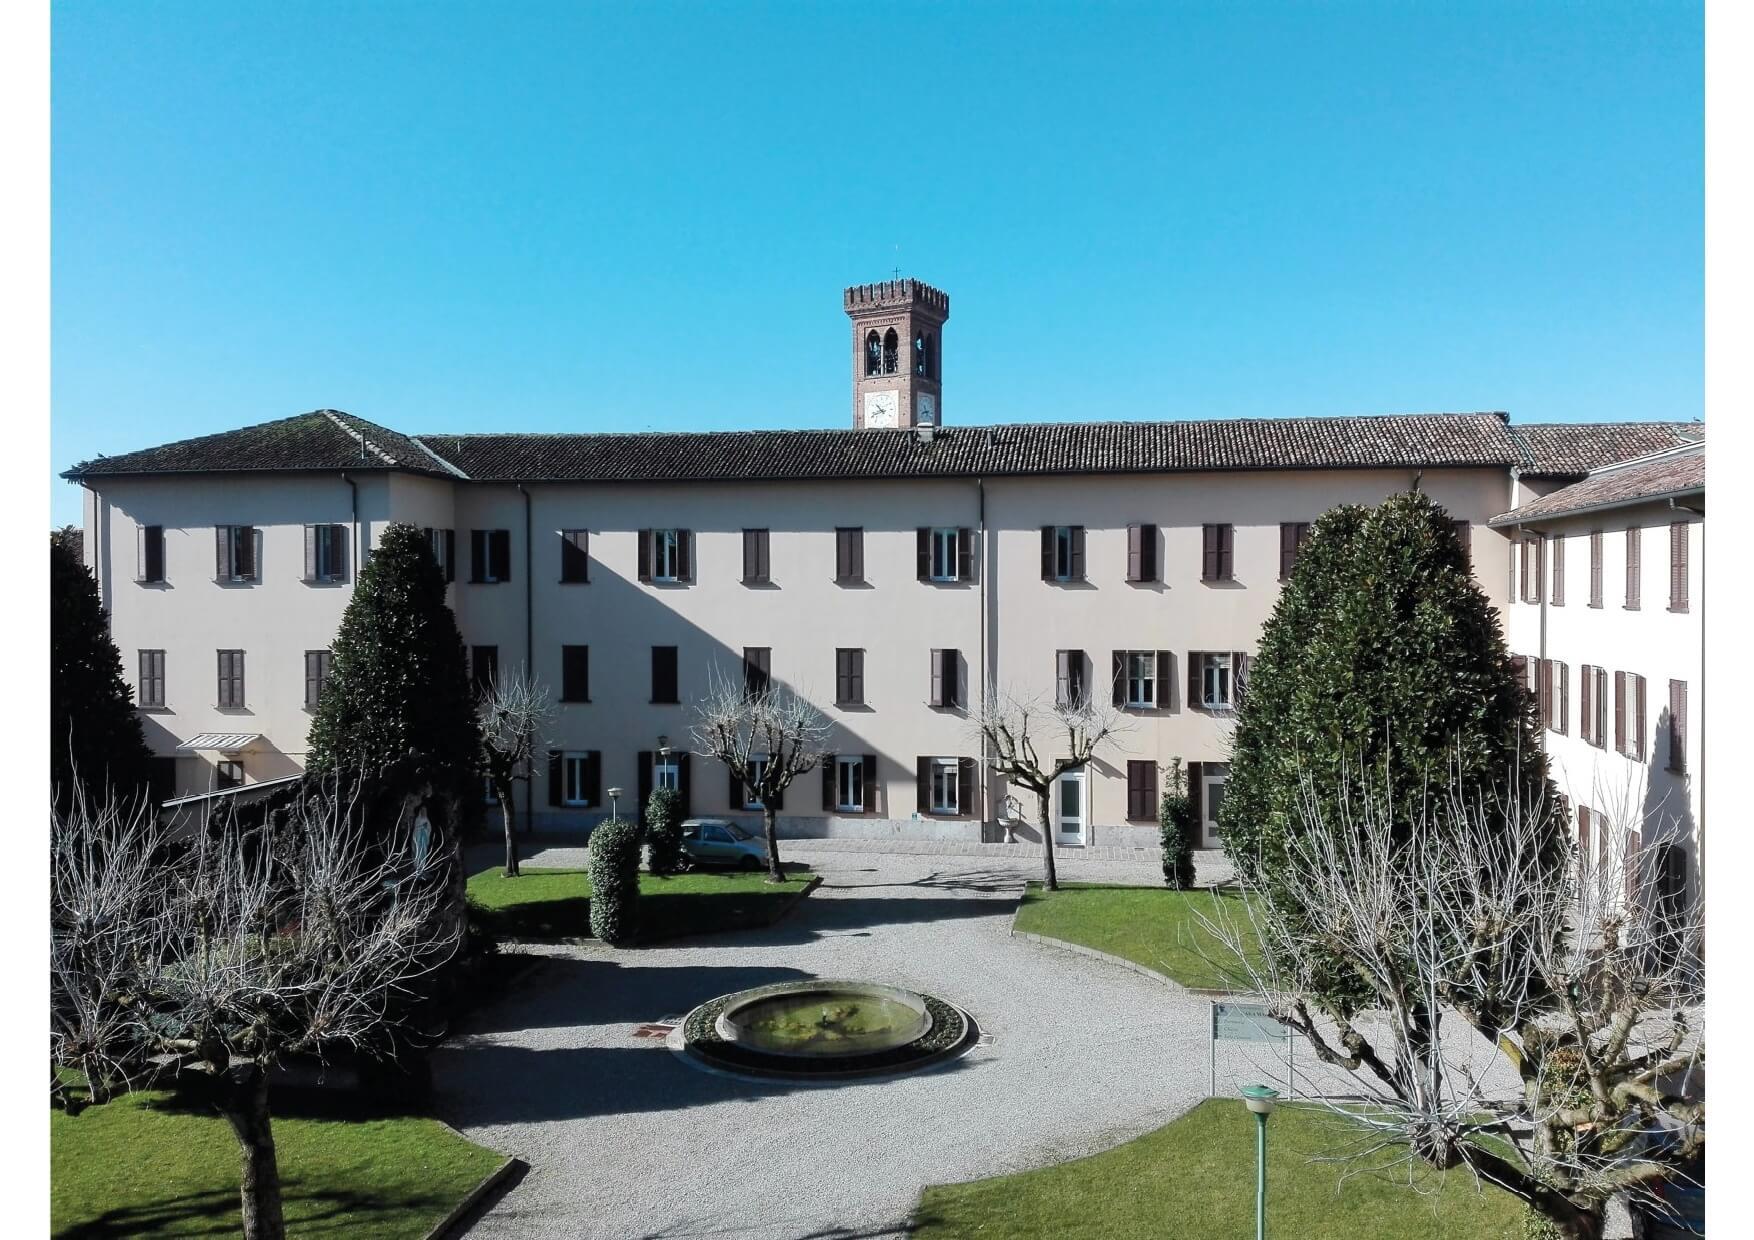 Direzione lavori impianti termici, idricosanitari e sistema di ventilazione per ristrutturazione integrale sede Istituto Suore Adoratrici del SS Sacramento a Rivolta d'Adda (Cremona).